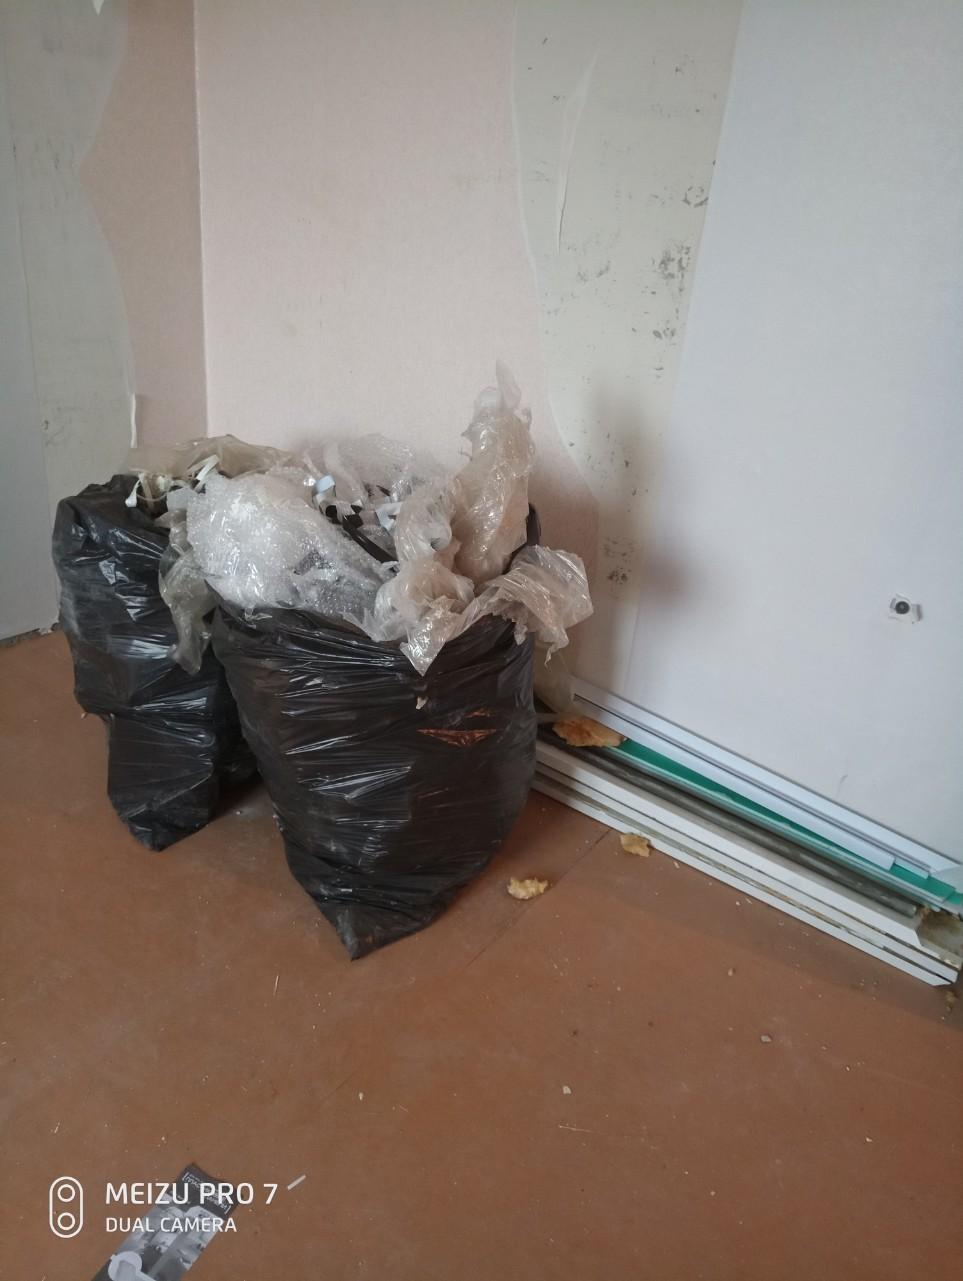 Освободить квартиру от хлама и вещей с укладкой в мешки